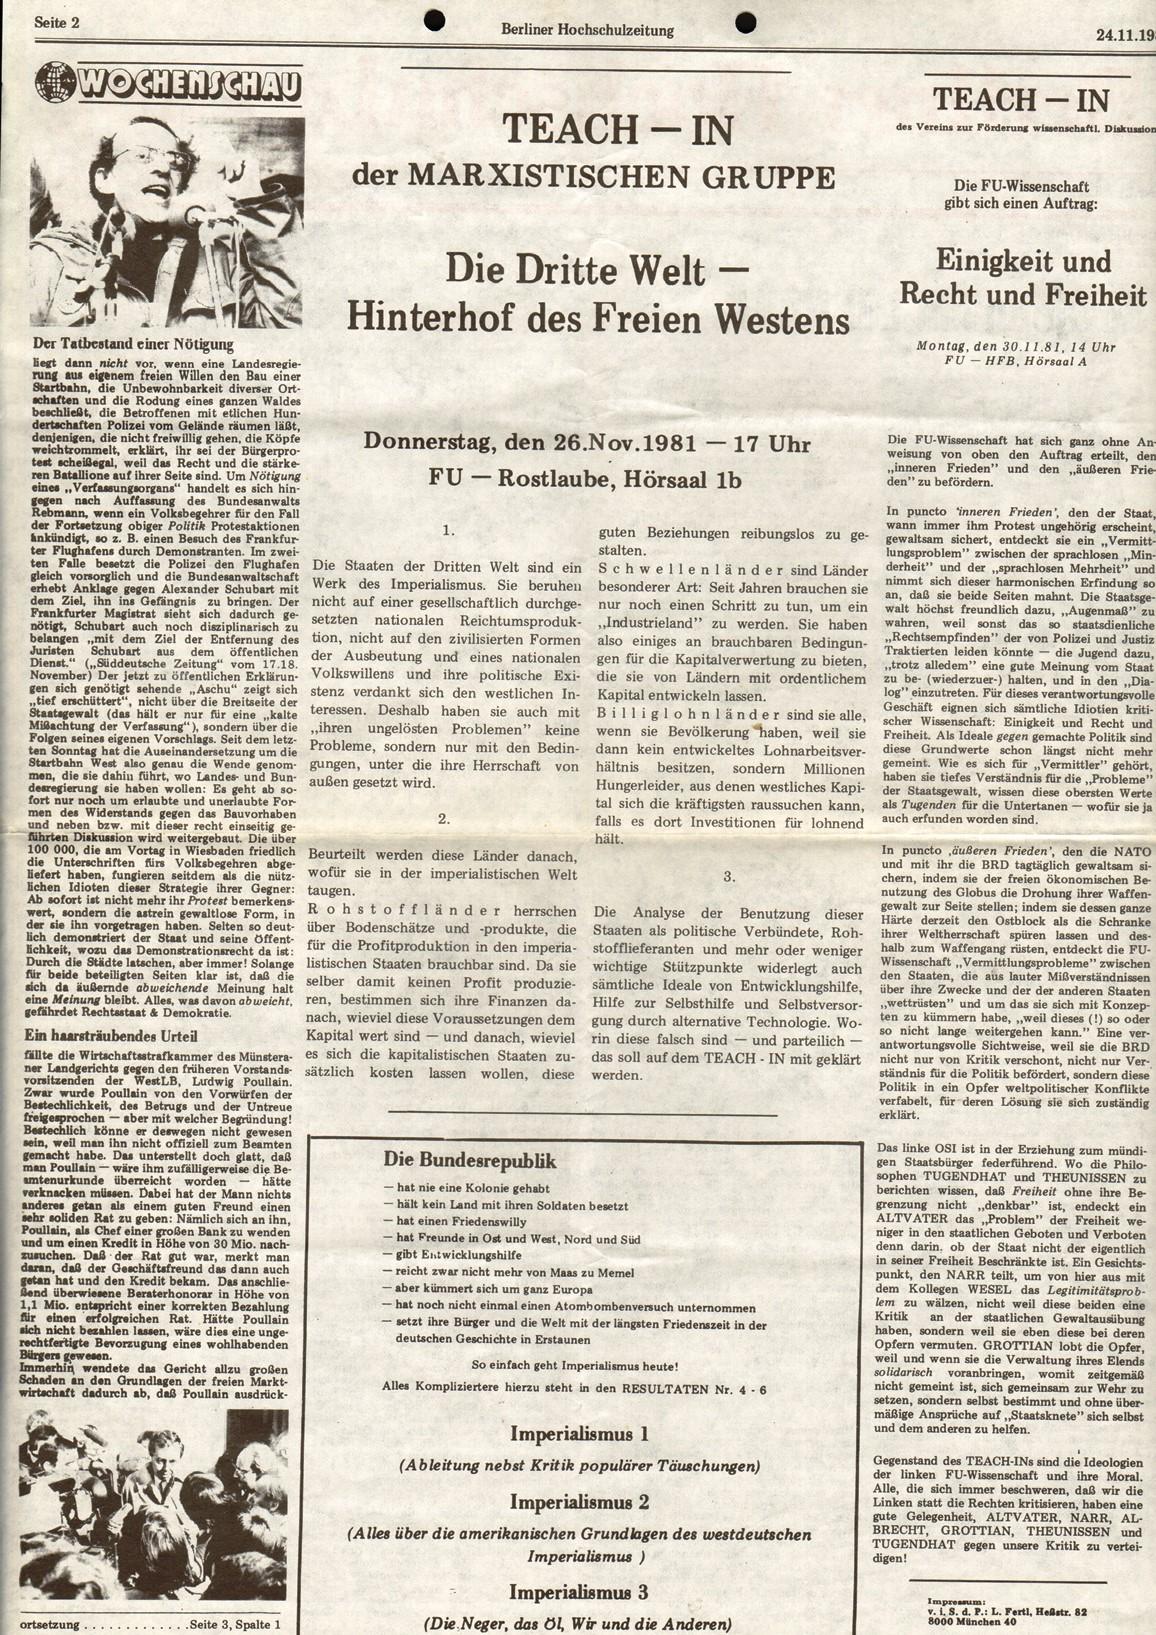 Berlin_MG_Hochschulzeitung_19811124_02